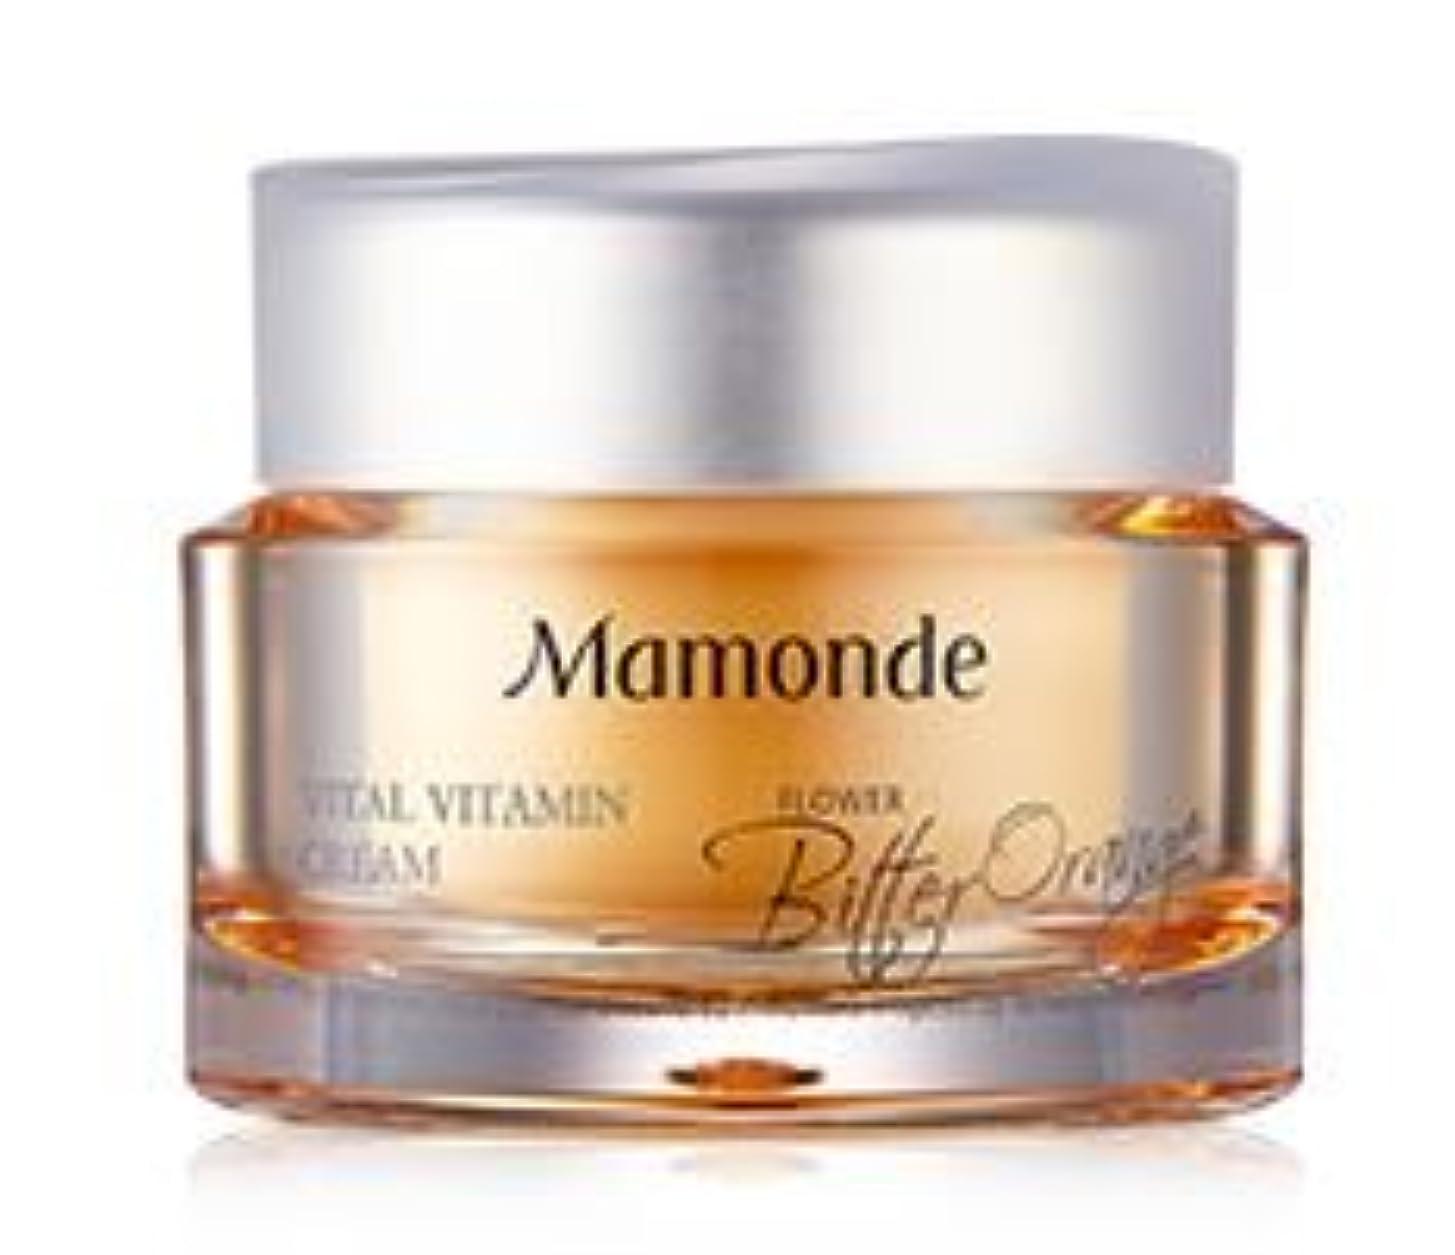 ナプキンチラチラする驚くべき[Mamonde] Vital Vitamin Cream 50ml /[マモンド]バイタルビタミンクリーム50ml [並行輸入品]